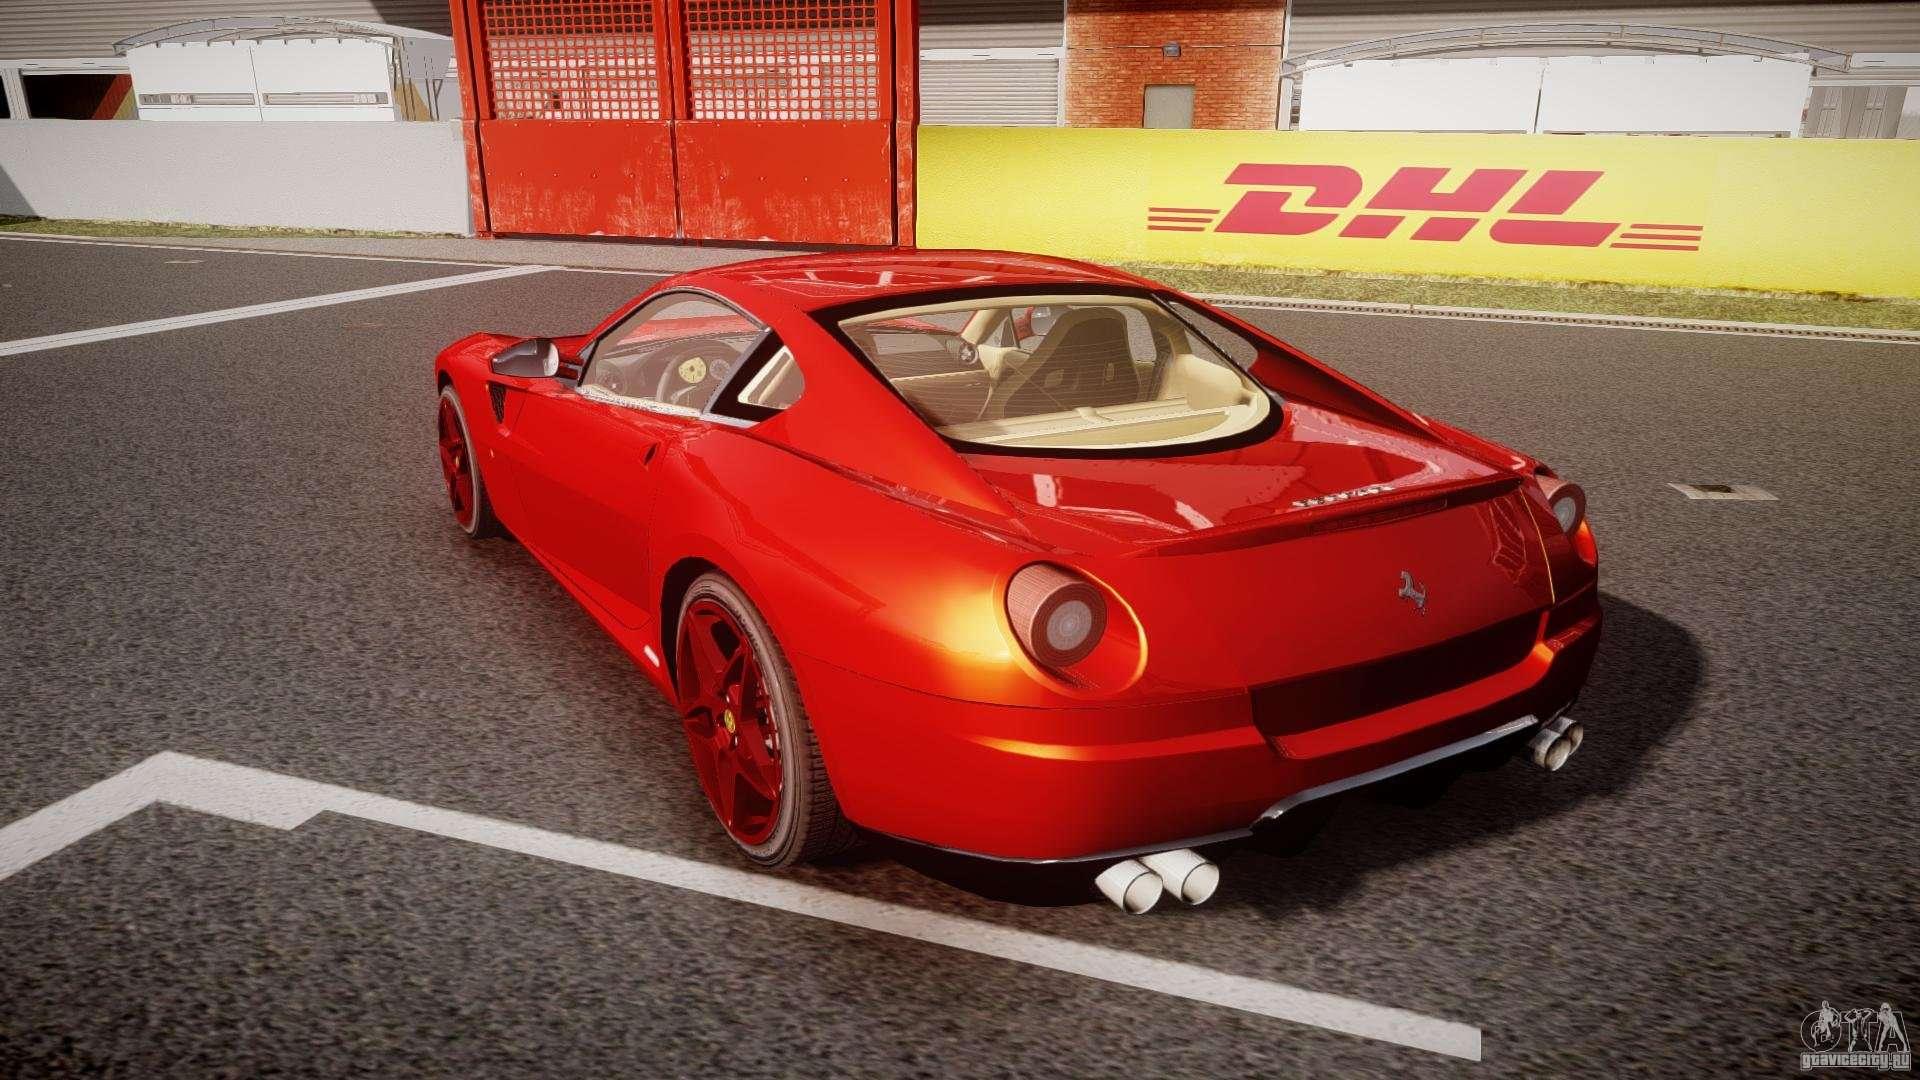 2006 ferrari 599 gtb - photo #29